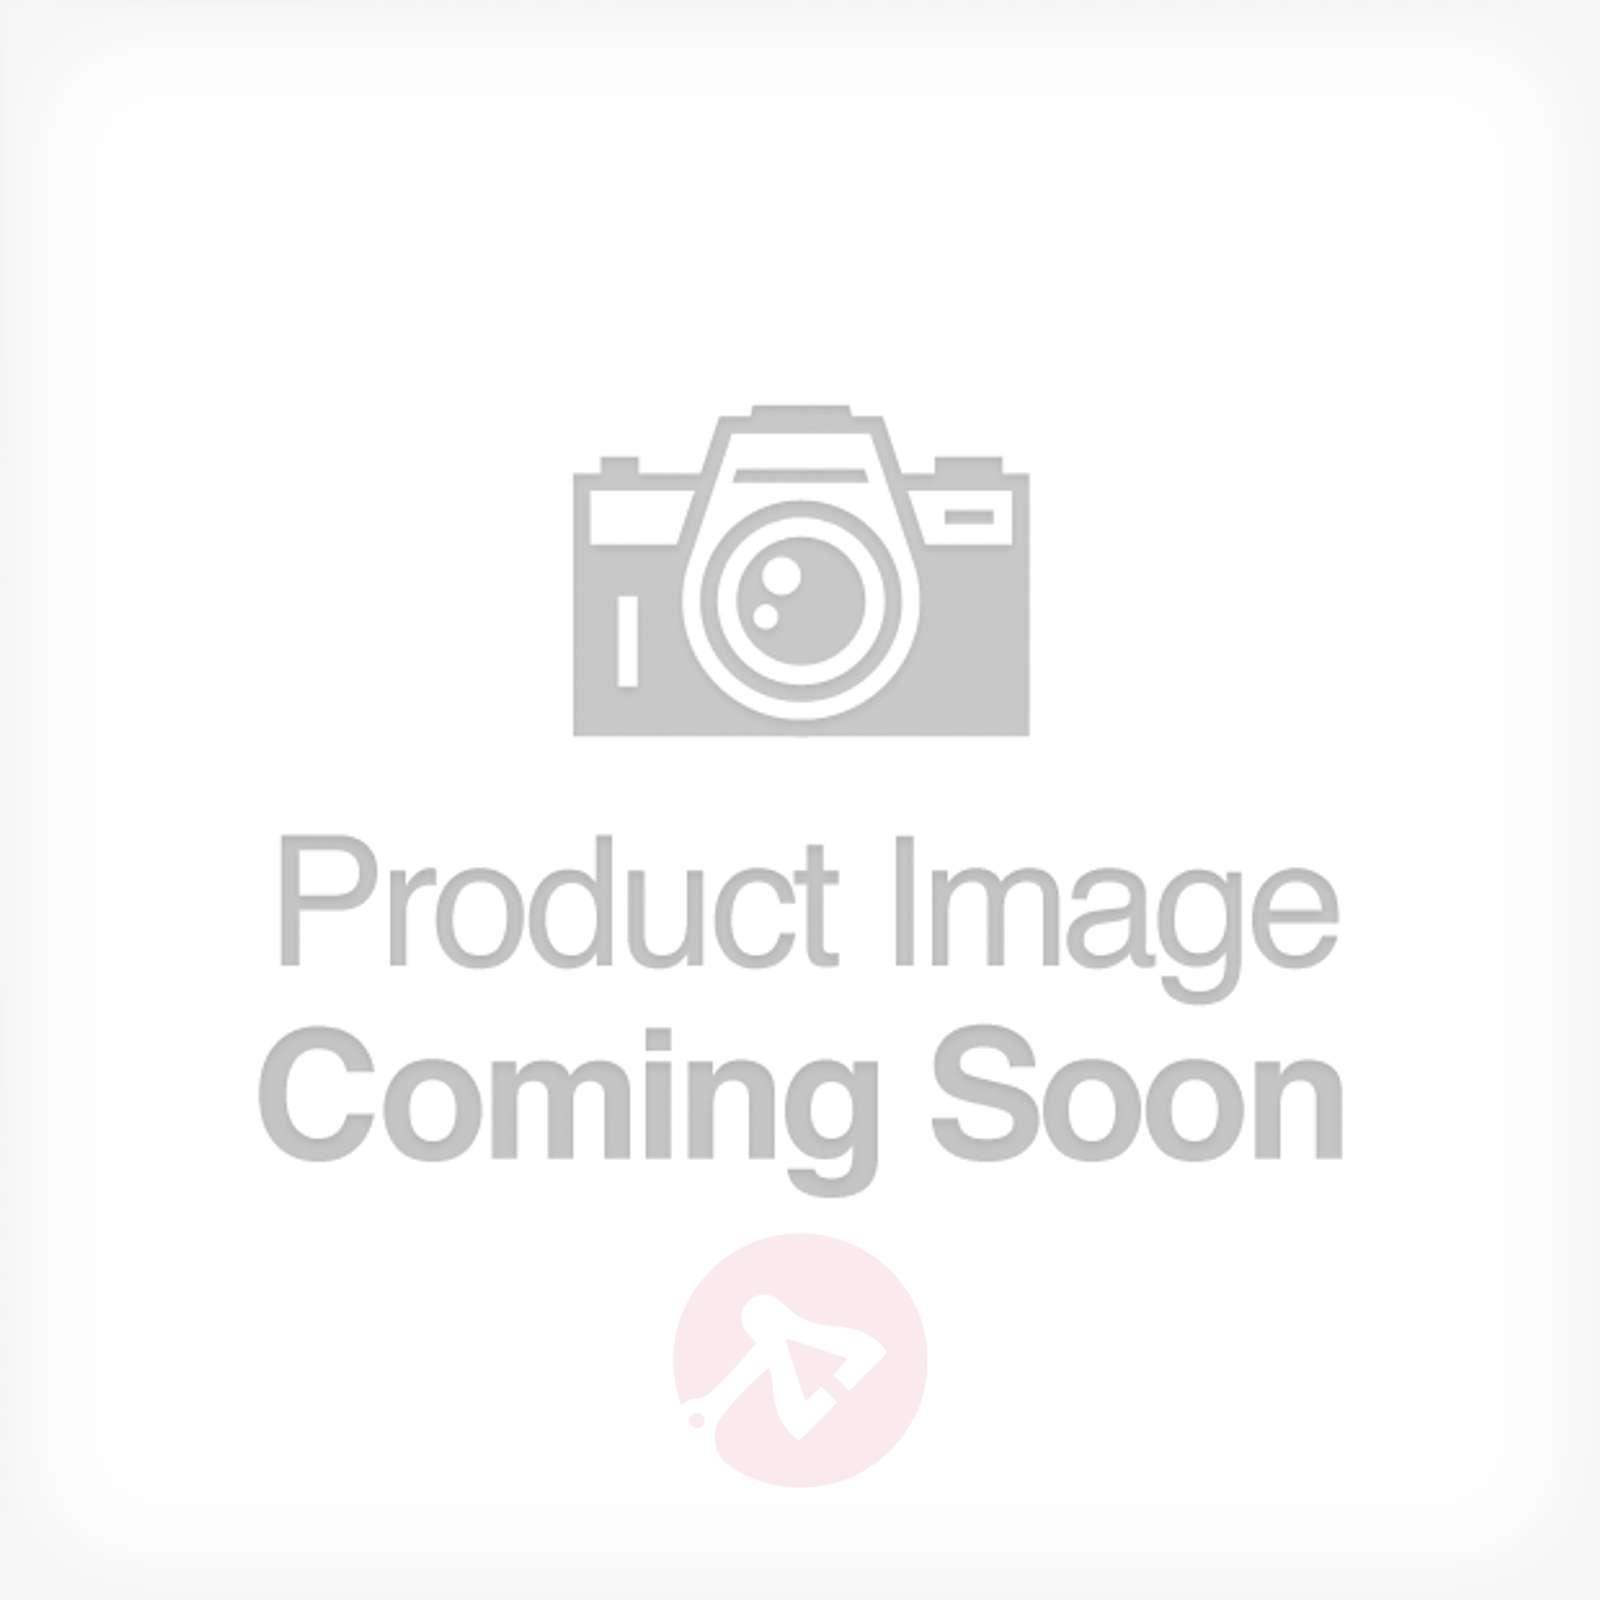 TAKETA-kattovalaisin kylpyhuoneeseen-1020072X-03